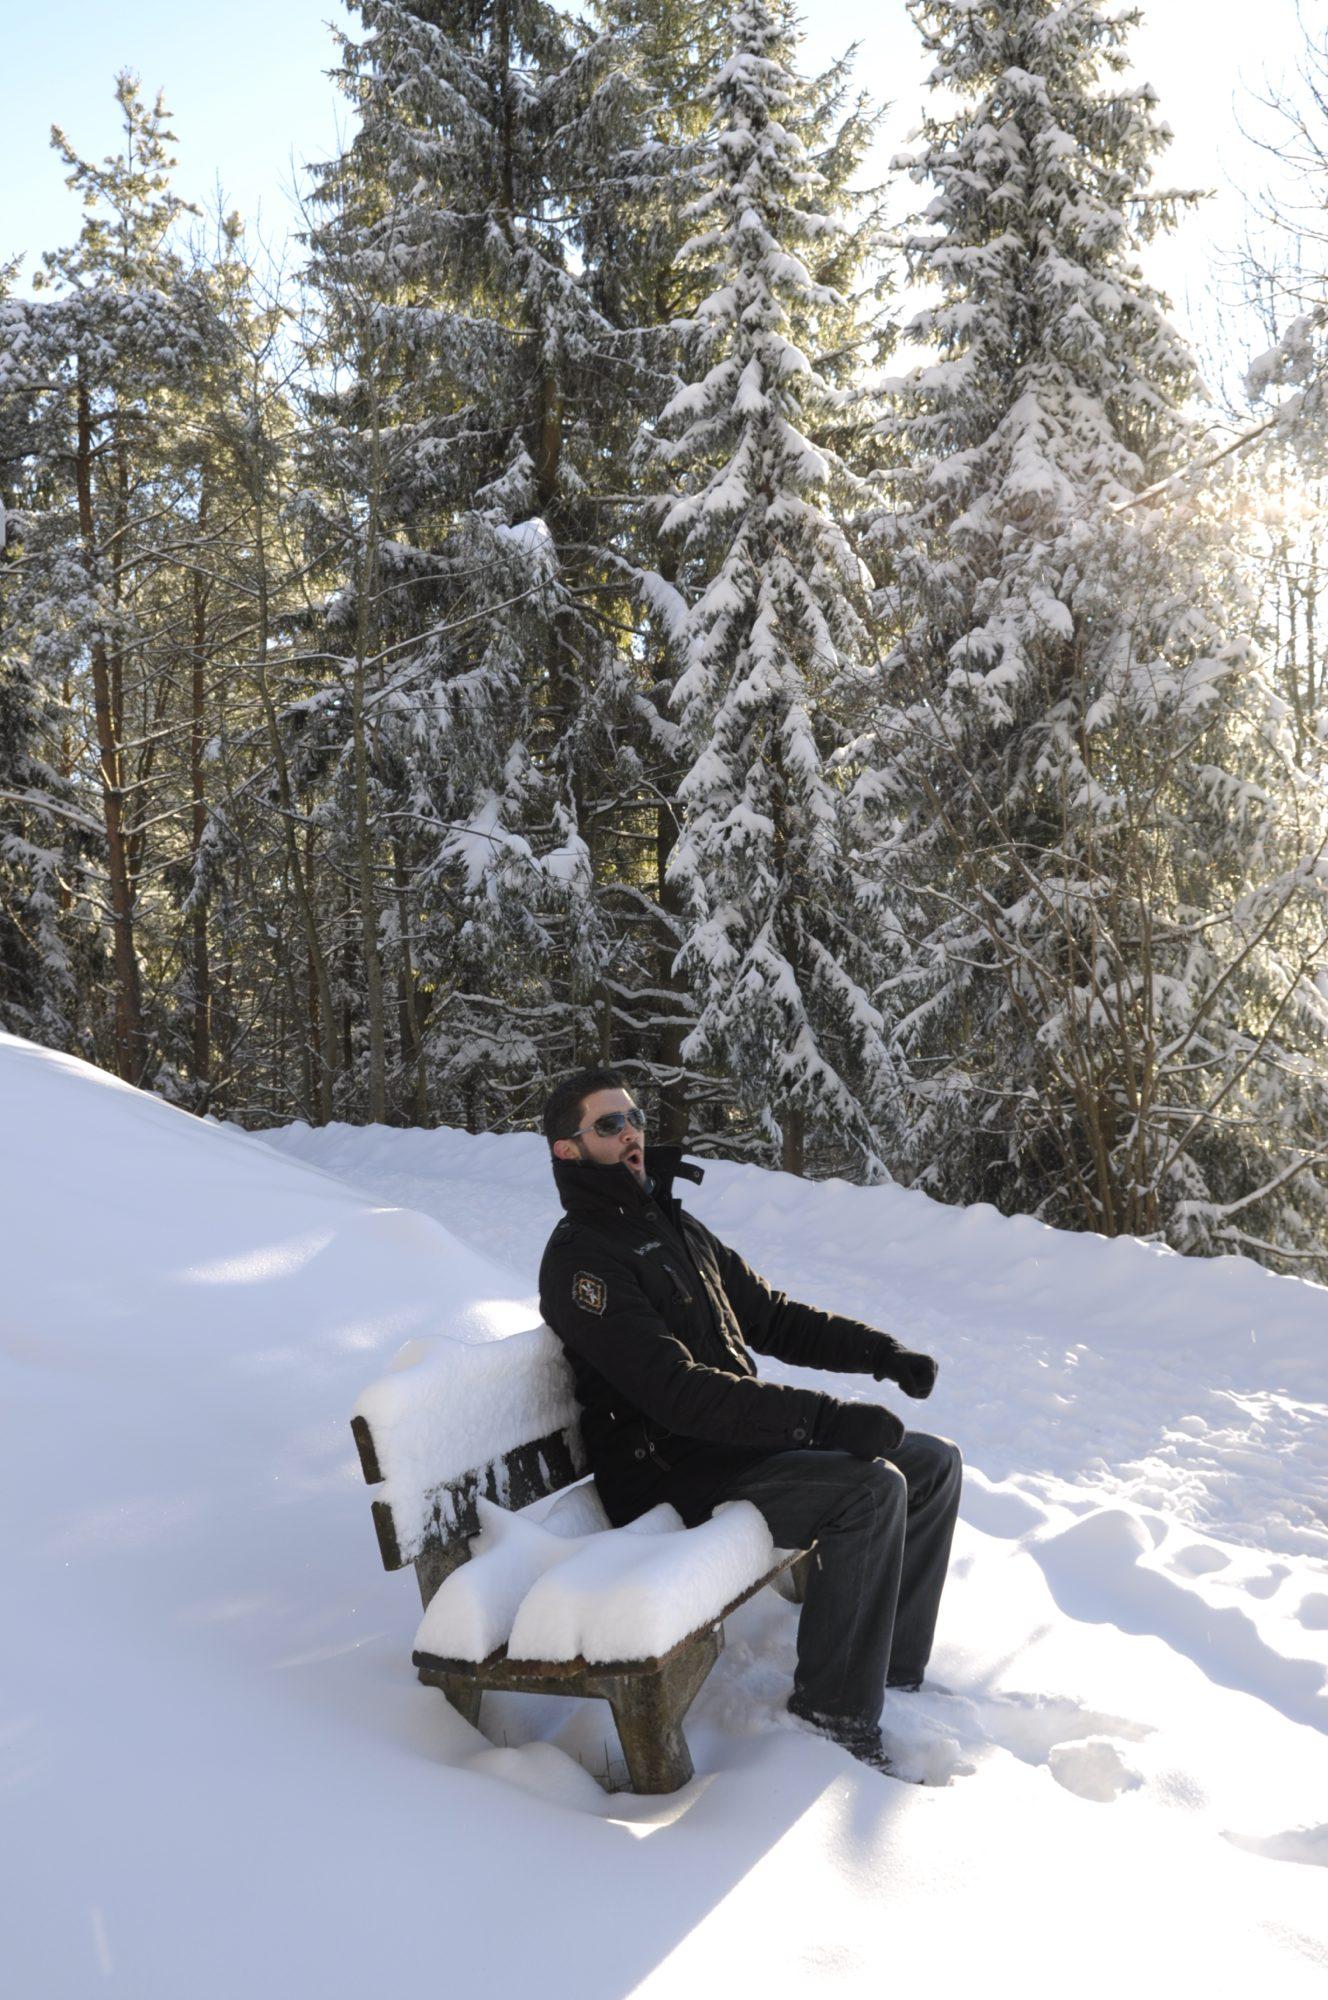 Dezember 2010 - Winterlandschaft auf dem Fürstenberg. KAAAAALT!